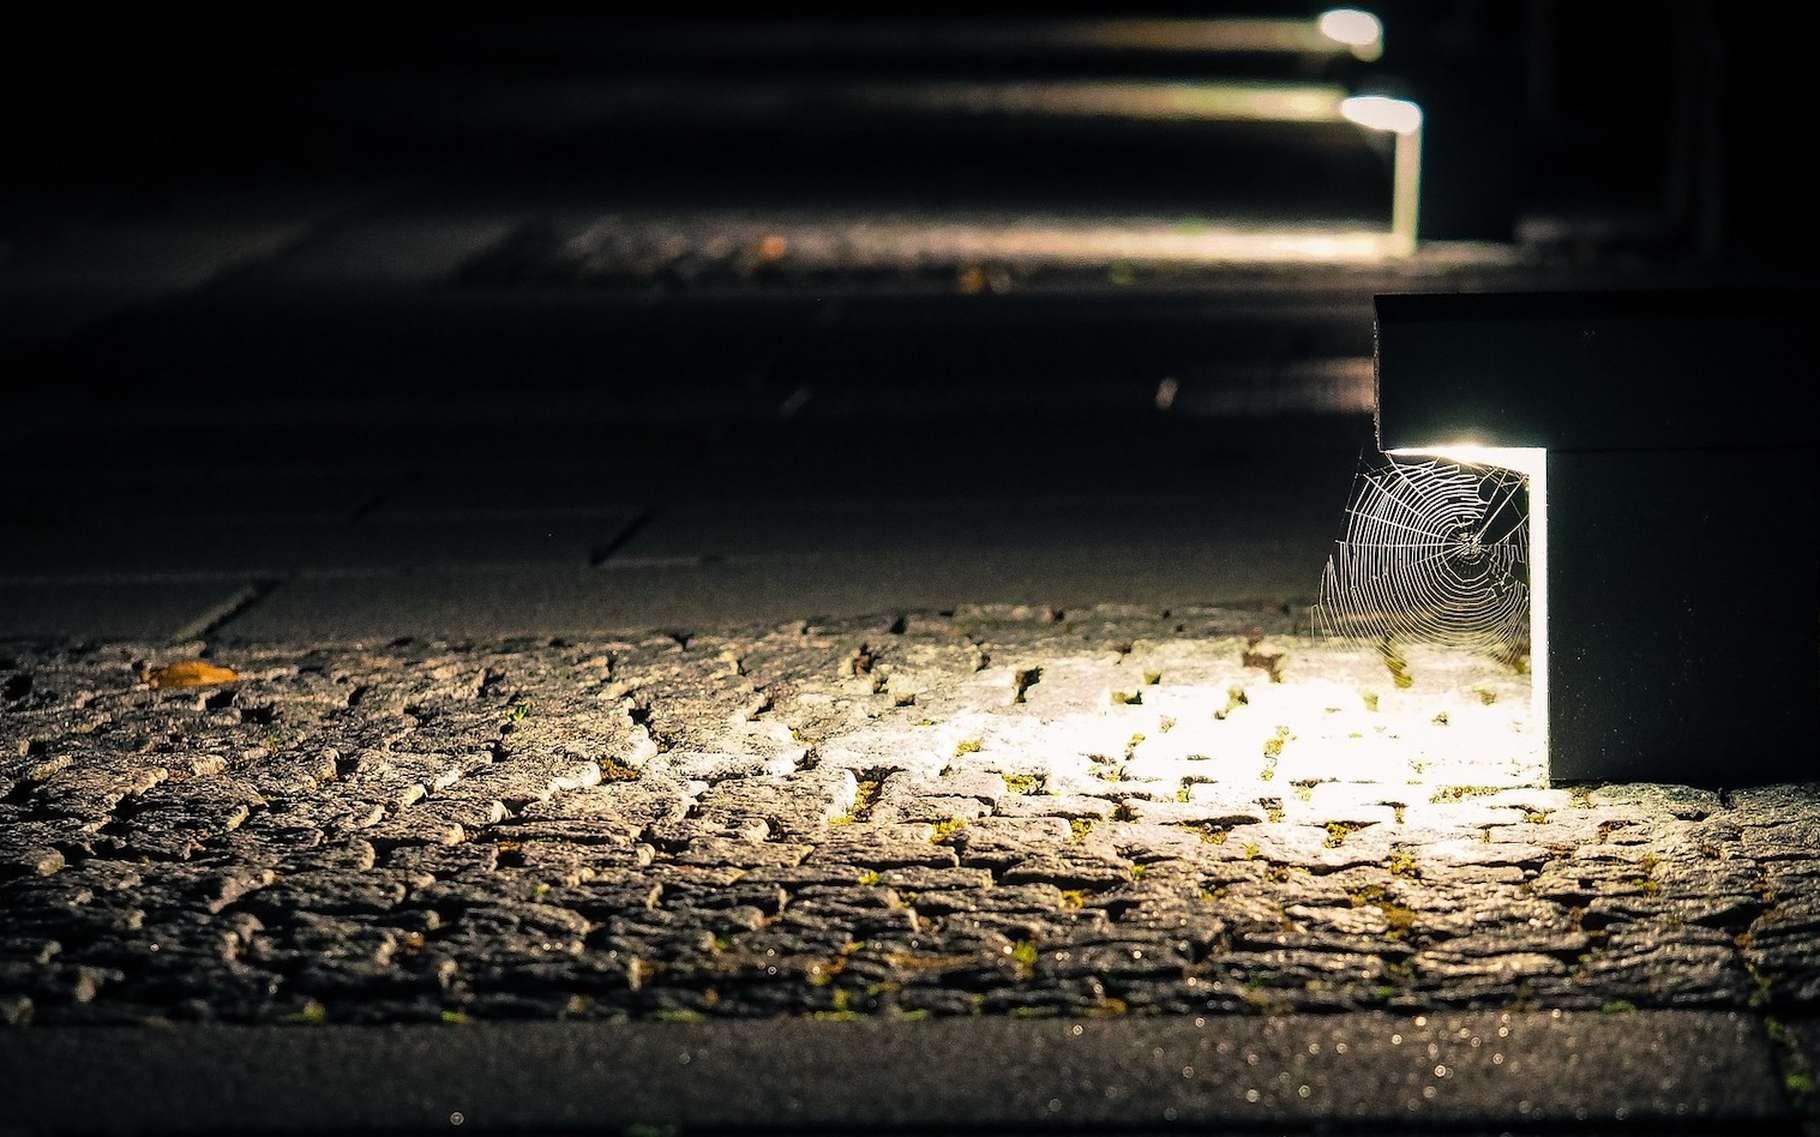 Naturellement, les araignées craignent la lumière. Mais leur exposition à la pollution lumineuse des villes pourrait les avoir fait évoluer. © TBIT, Pixabay, CC0 Creative Commons